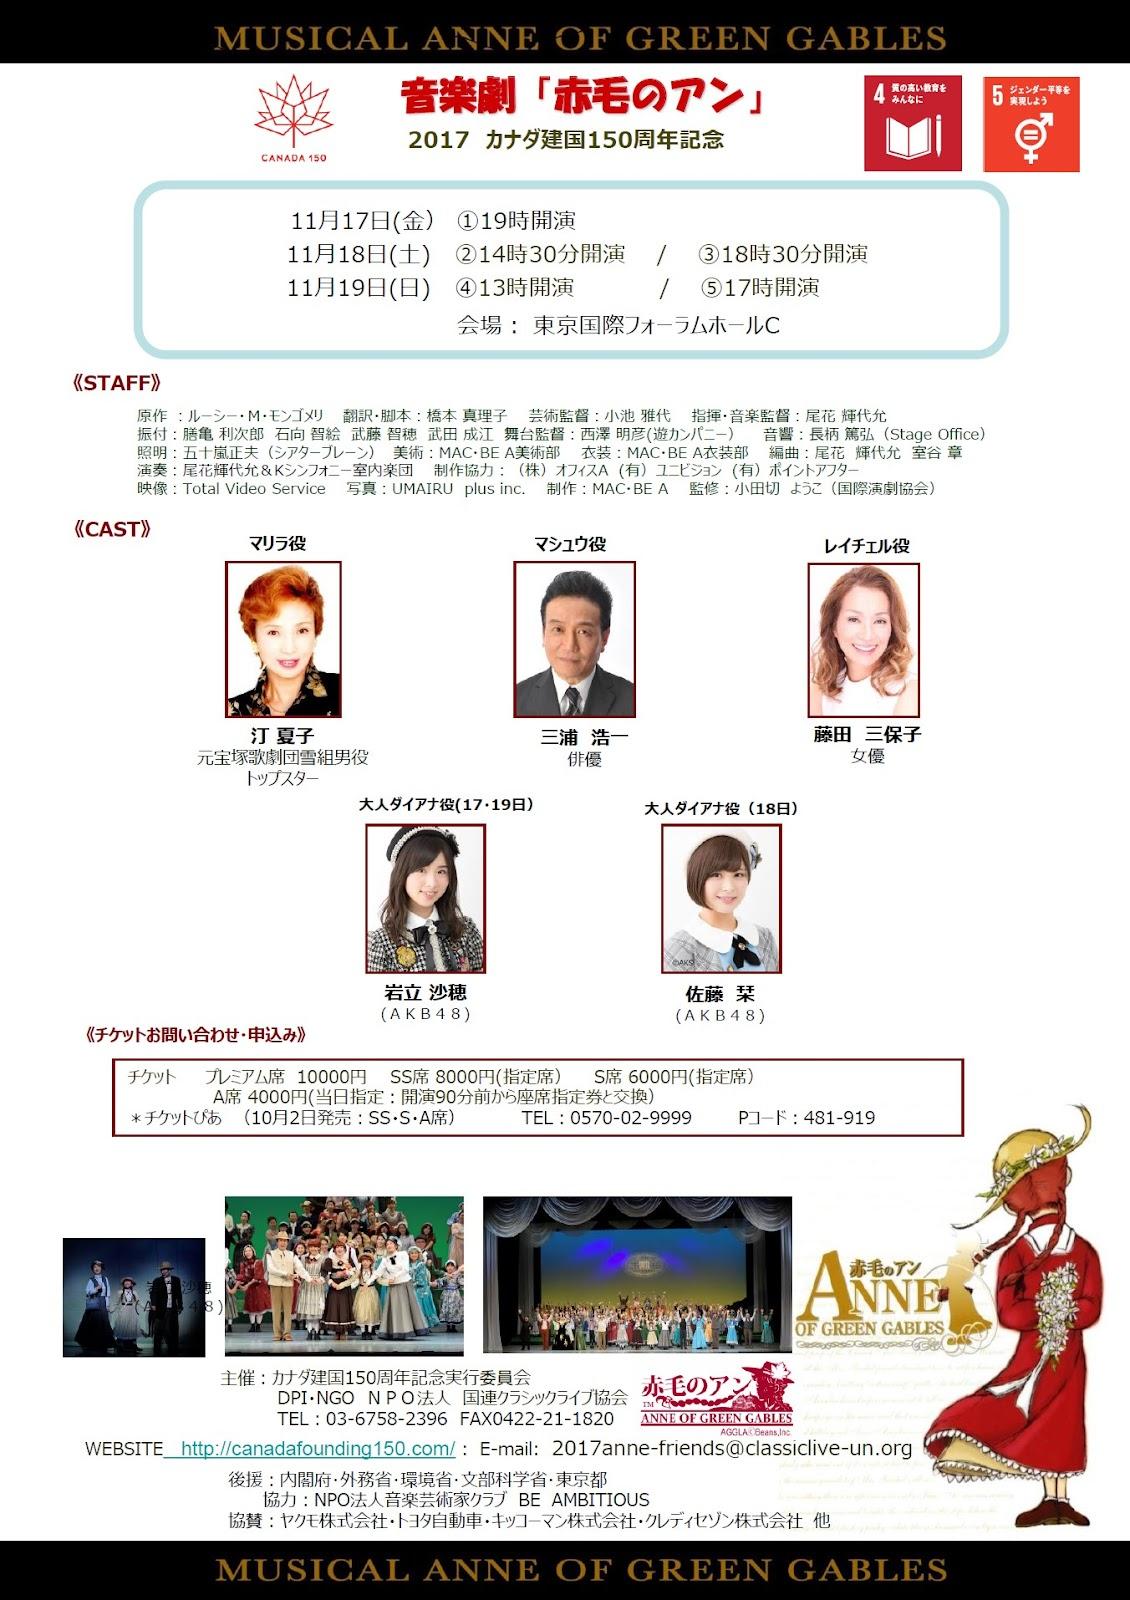 国連クラシック協会ミュージカル 東京国際フォーラムc「赤毛のアン」少女*アン役momon